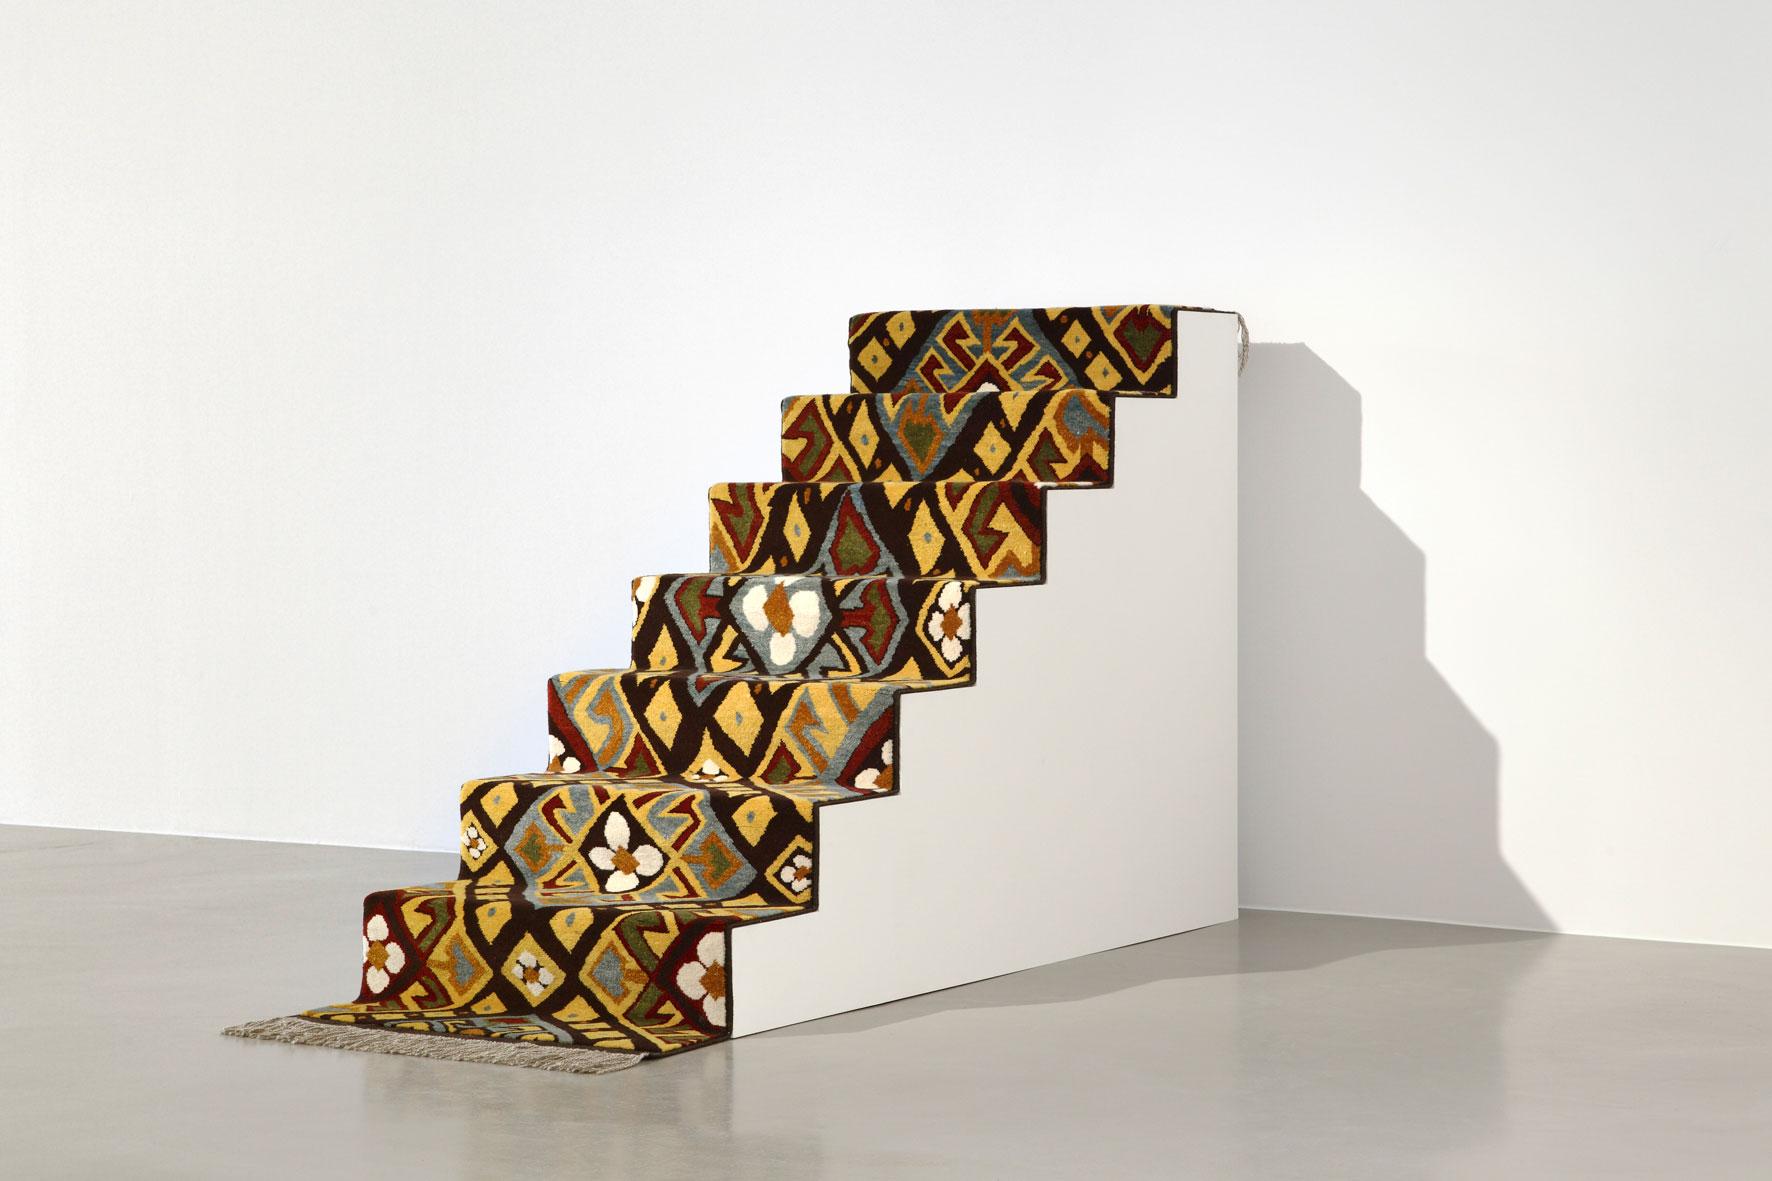 Dossier allemagne entretien avec c dric aurelle for Art contemporain sculpture